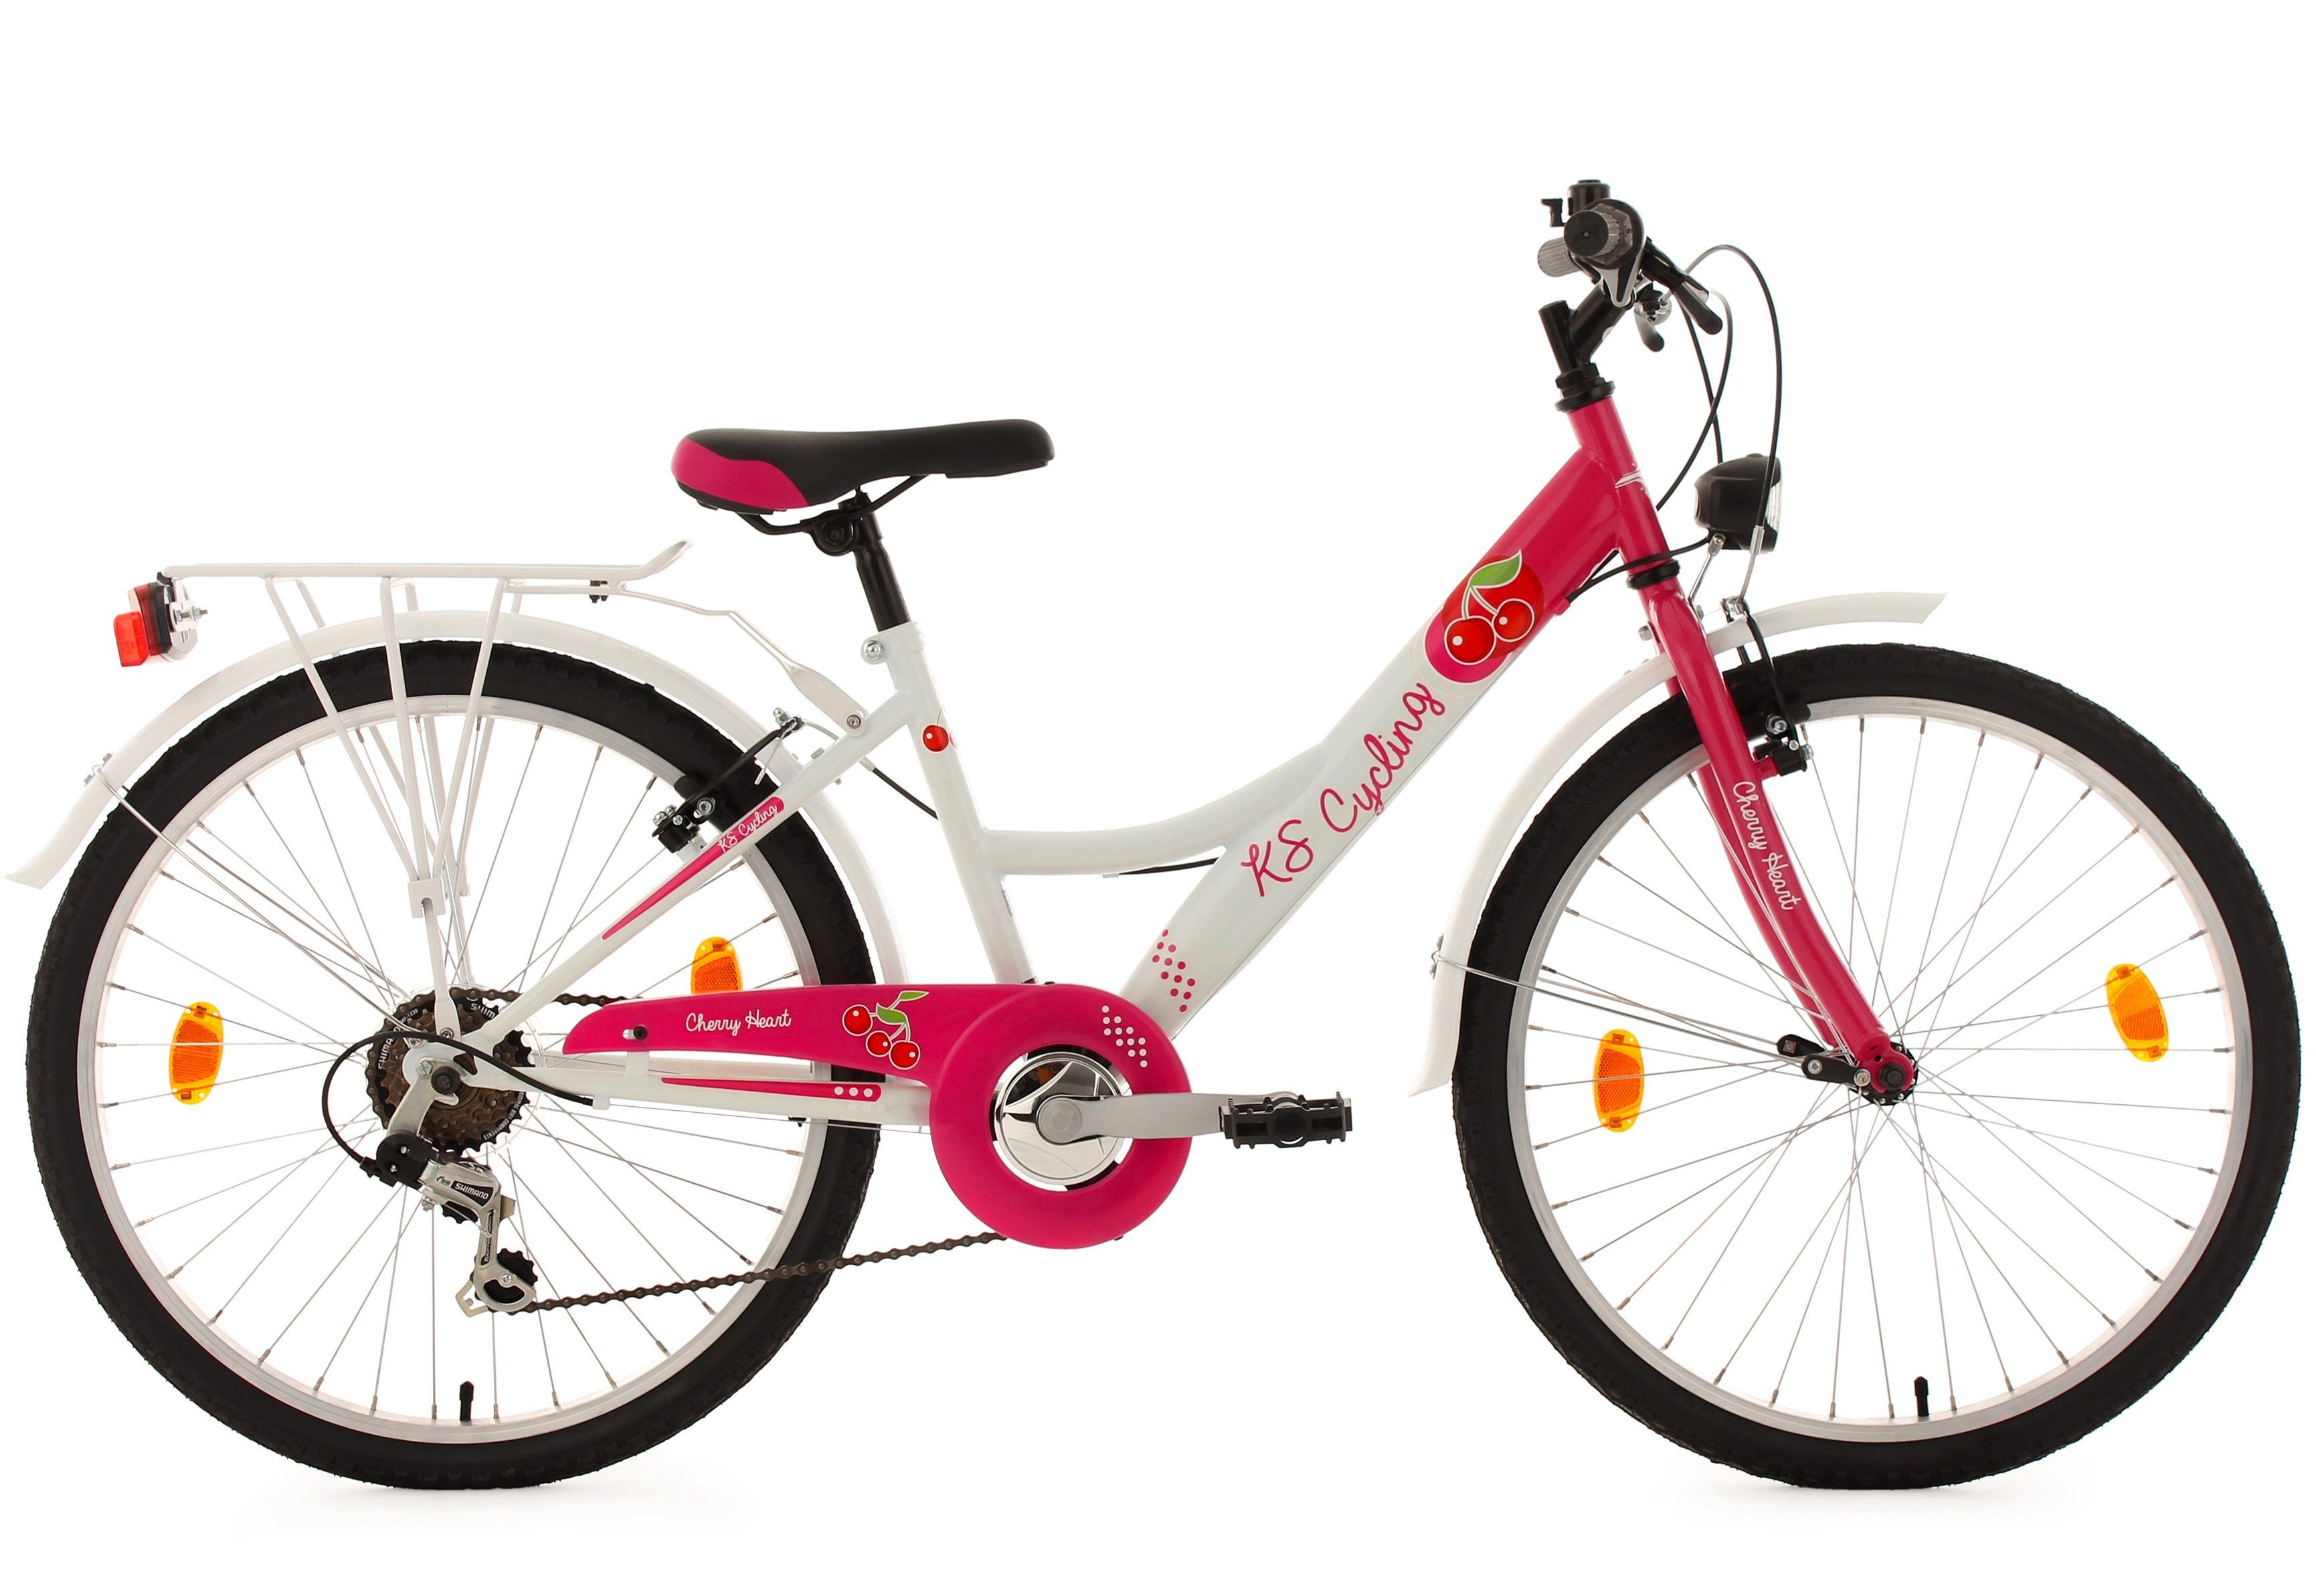 KS Cycling Mädchen Kinderfahrrad, 24 Zoll, weiß-pink, 6 Gang Kettenschaltung, »Cherry Heart«